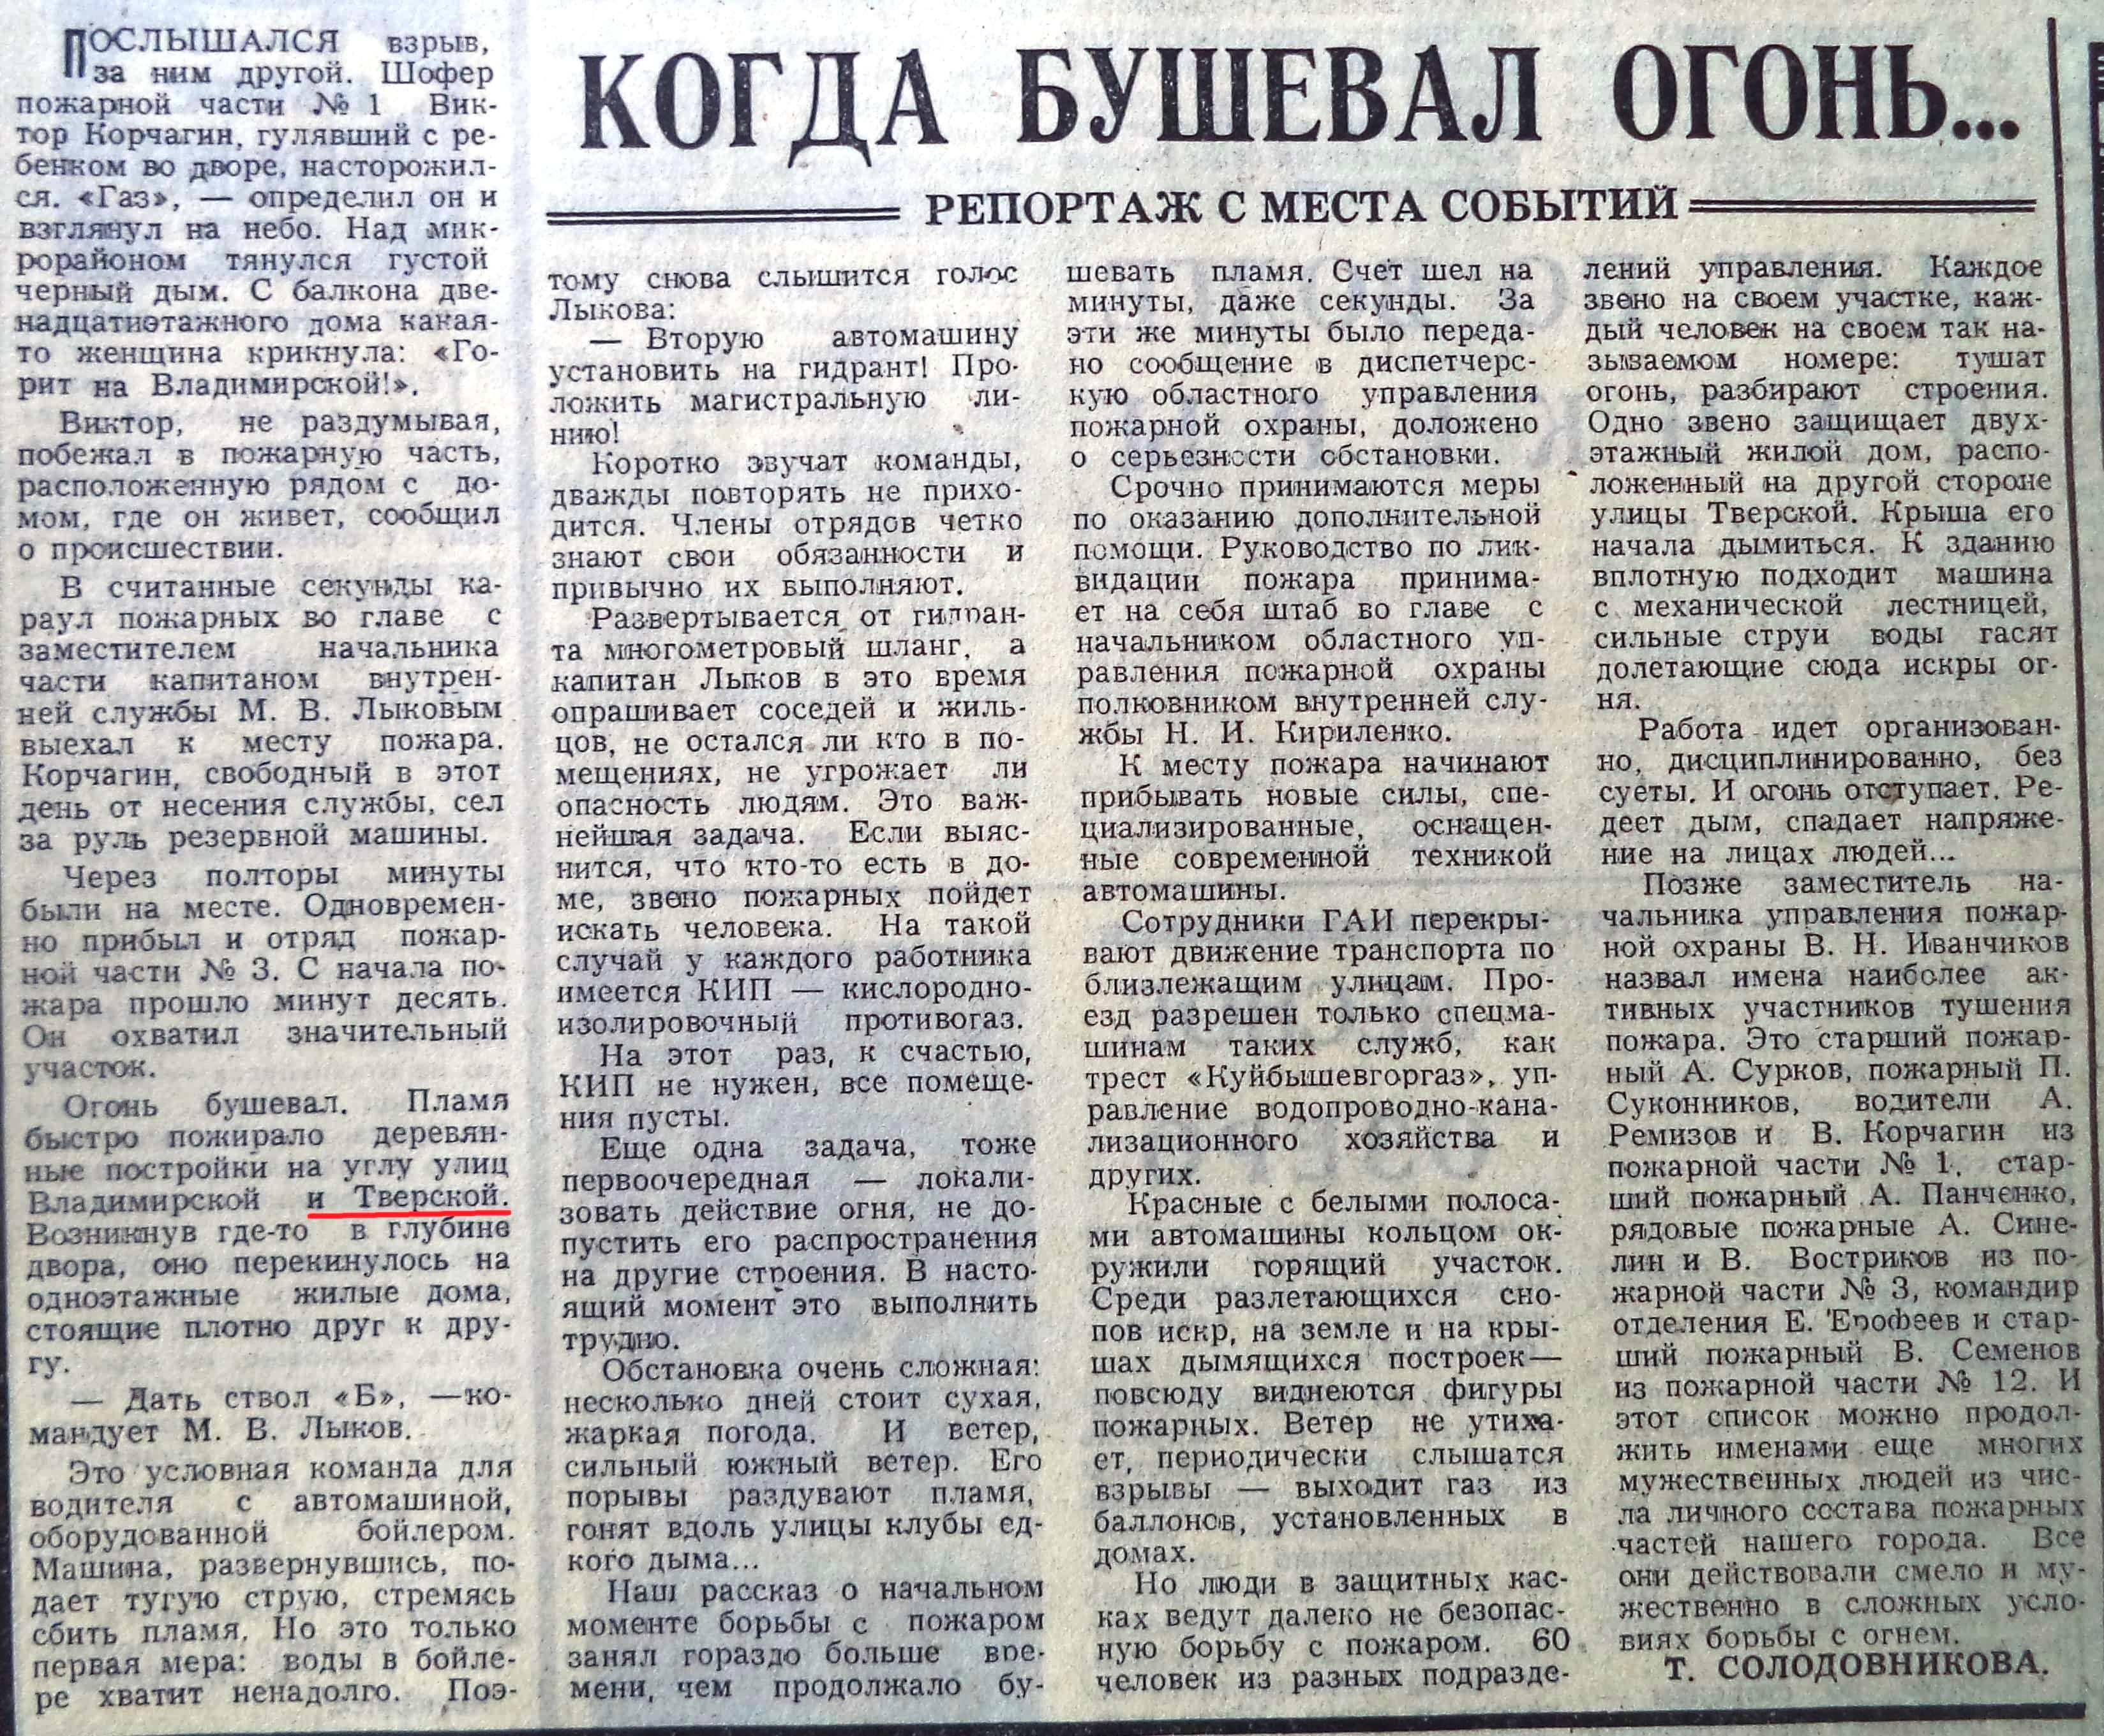 Тверская-ФОТО-15-ВЗя-1982-08-12-о пожаре на Влад.-Твер